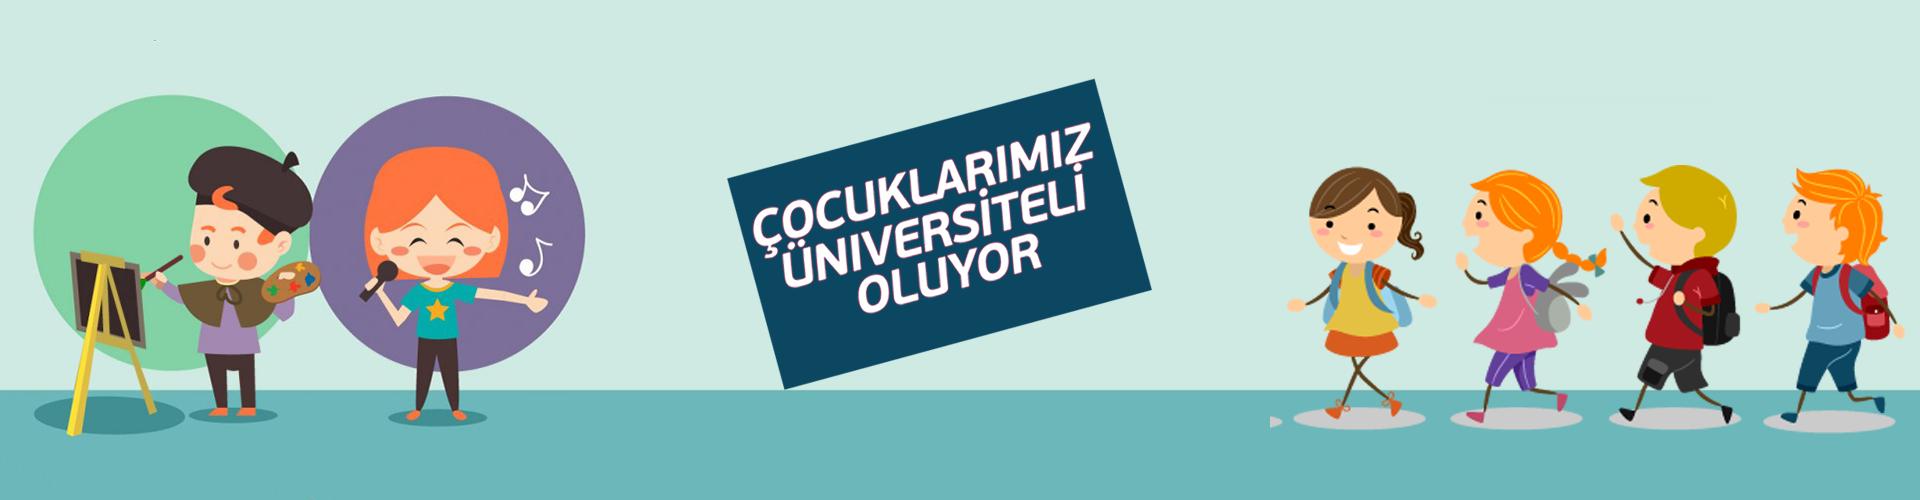 Çocuk Üniversitesi Hayata Geçiyor